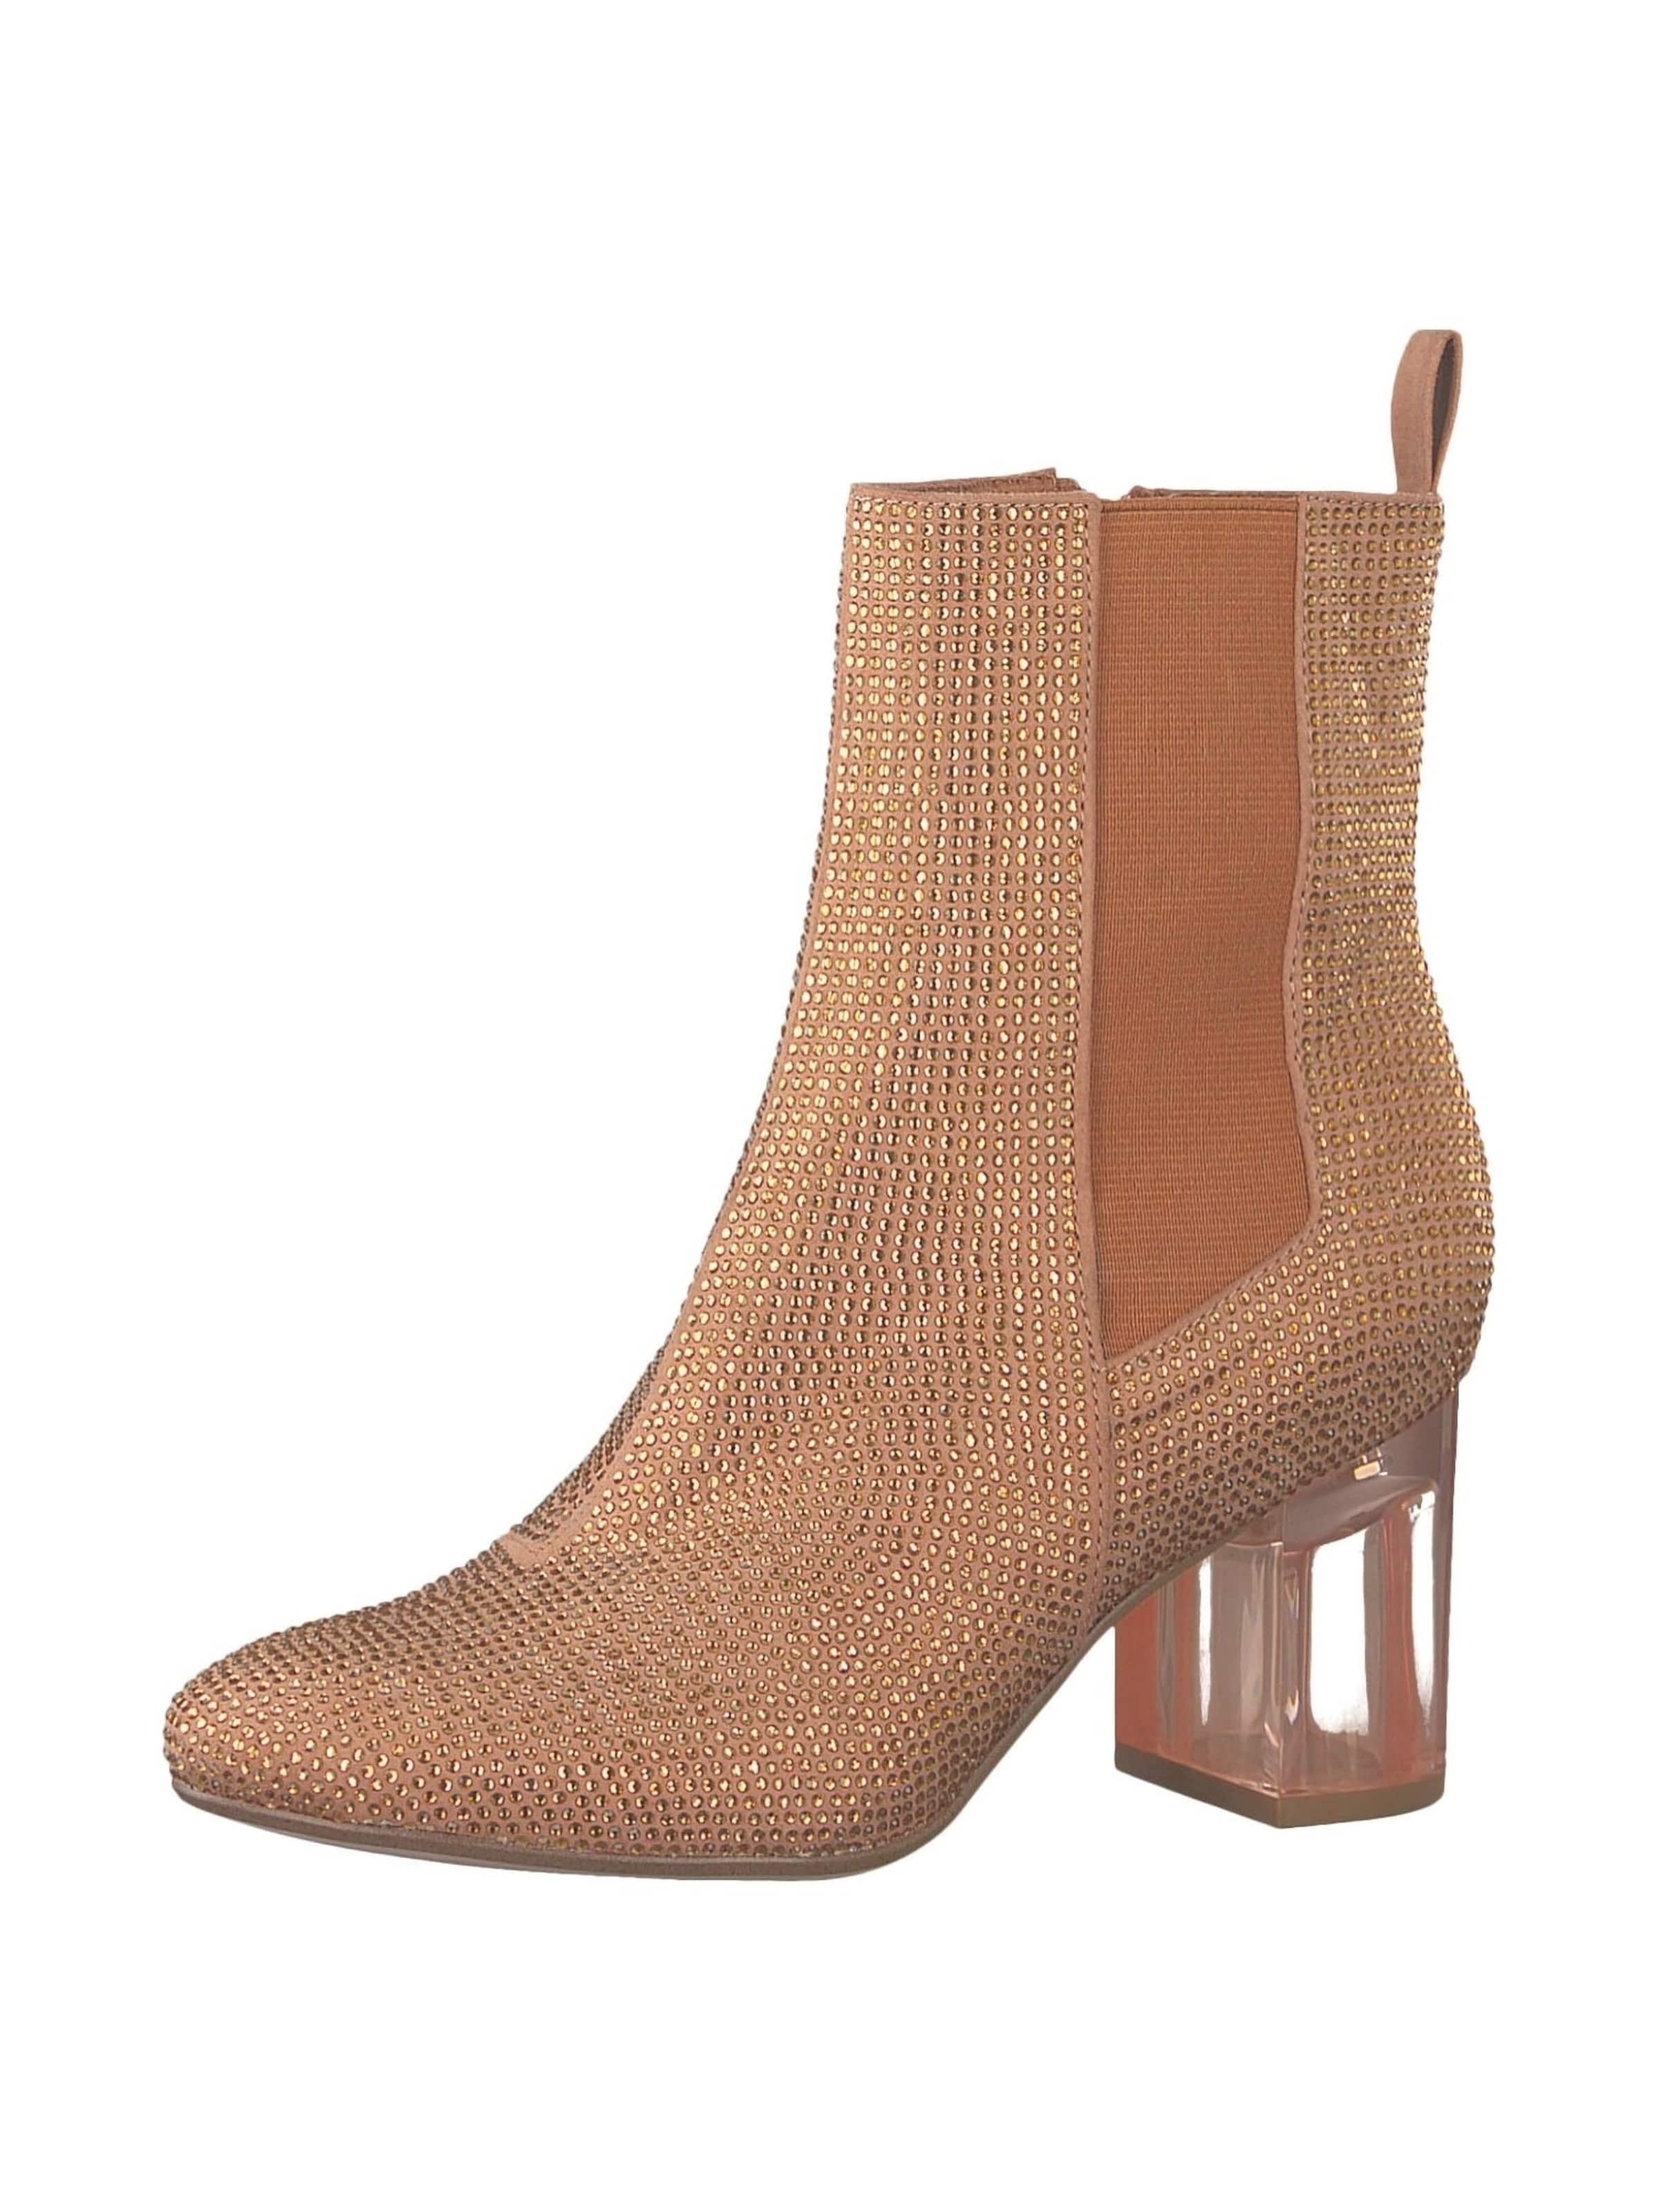 Stiefel hellbraun in Chelsea TAMARIS 187efntam91845 Schuhe